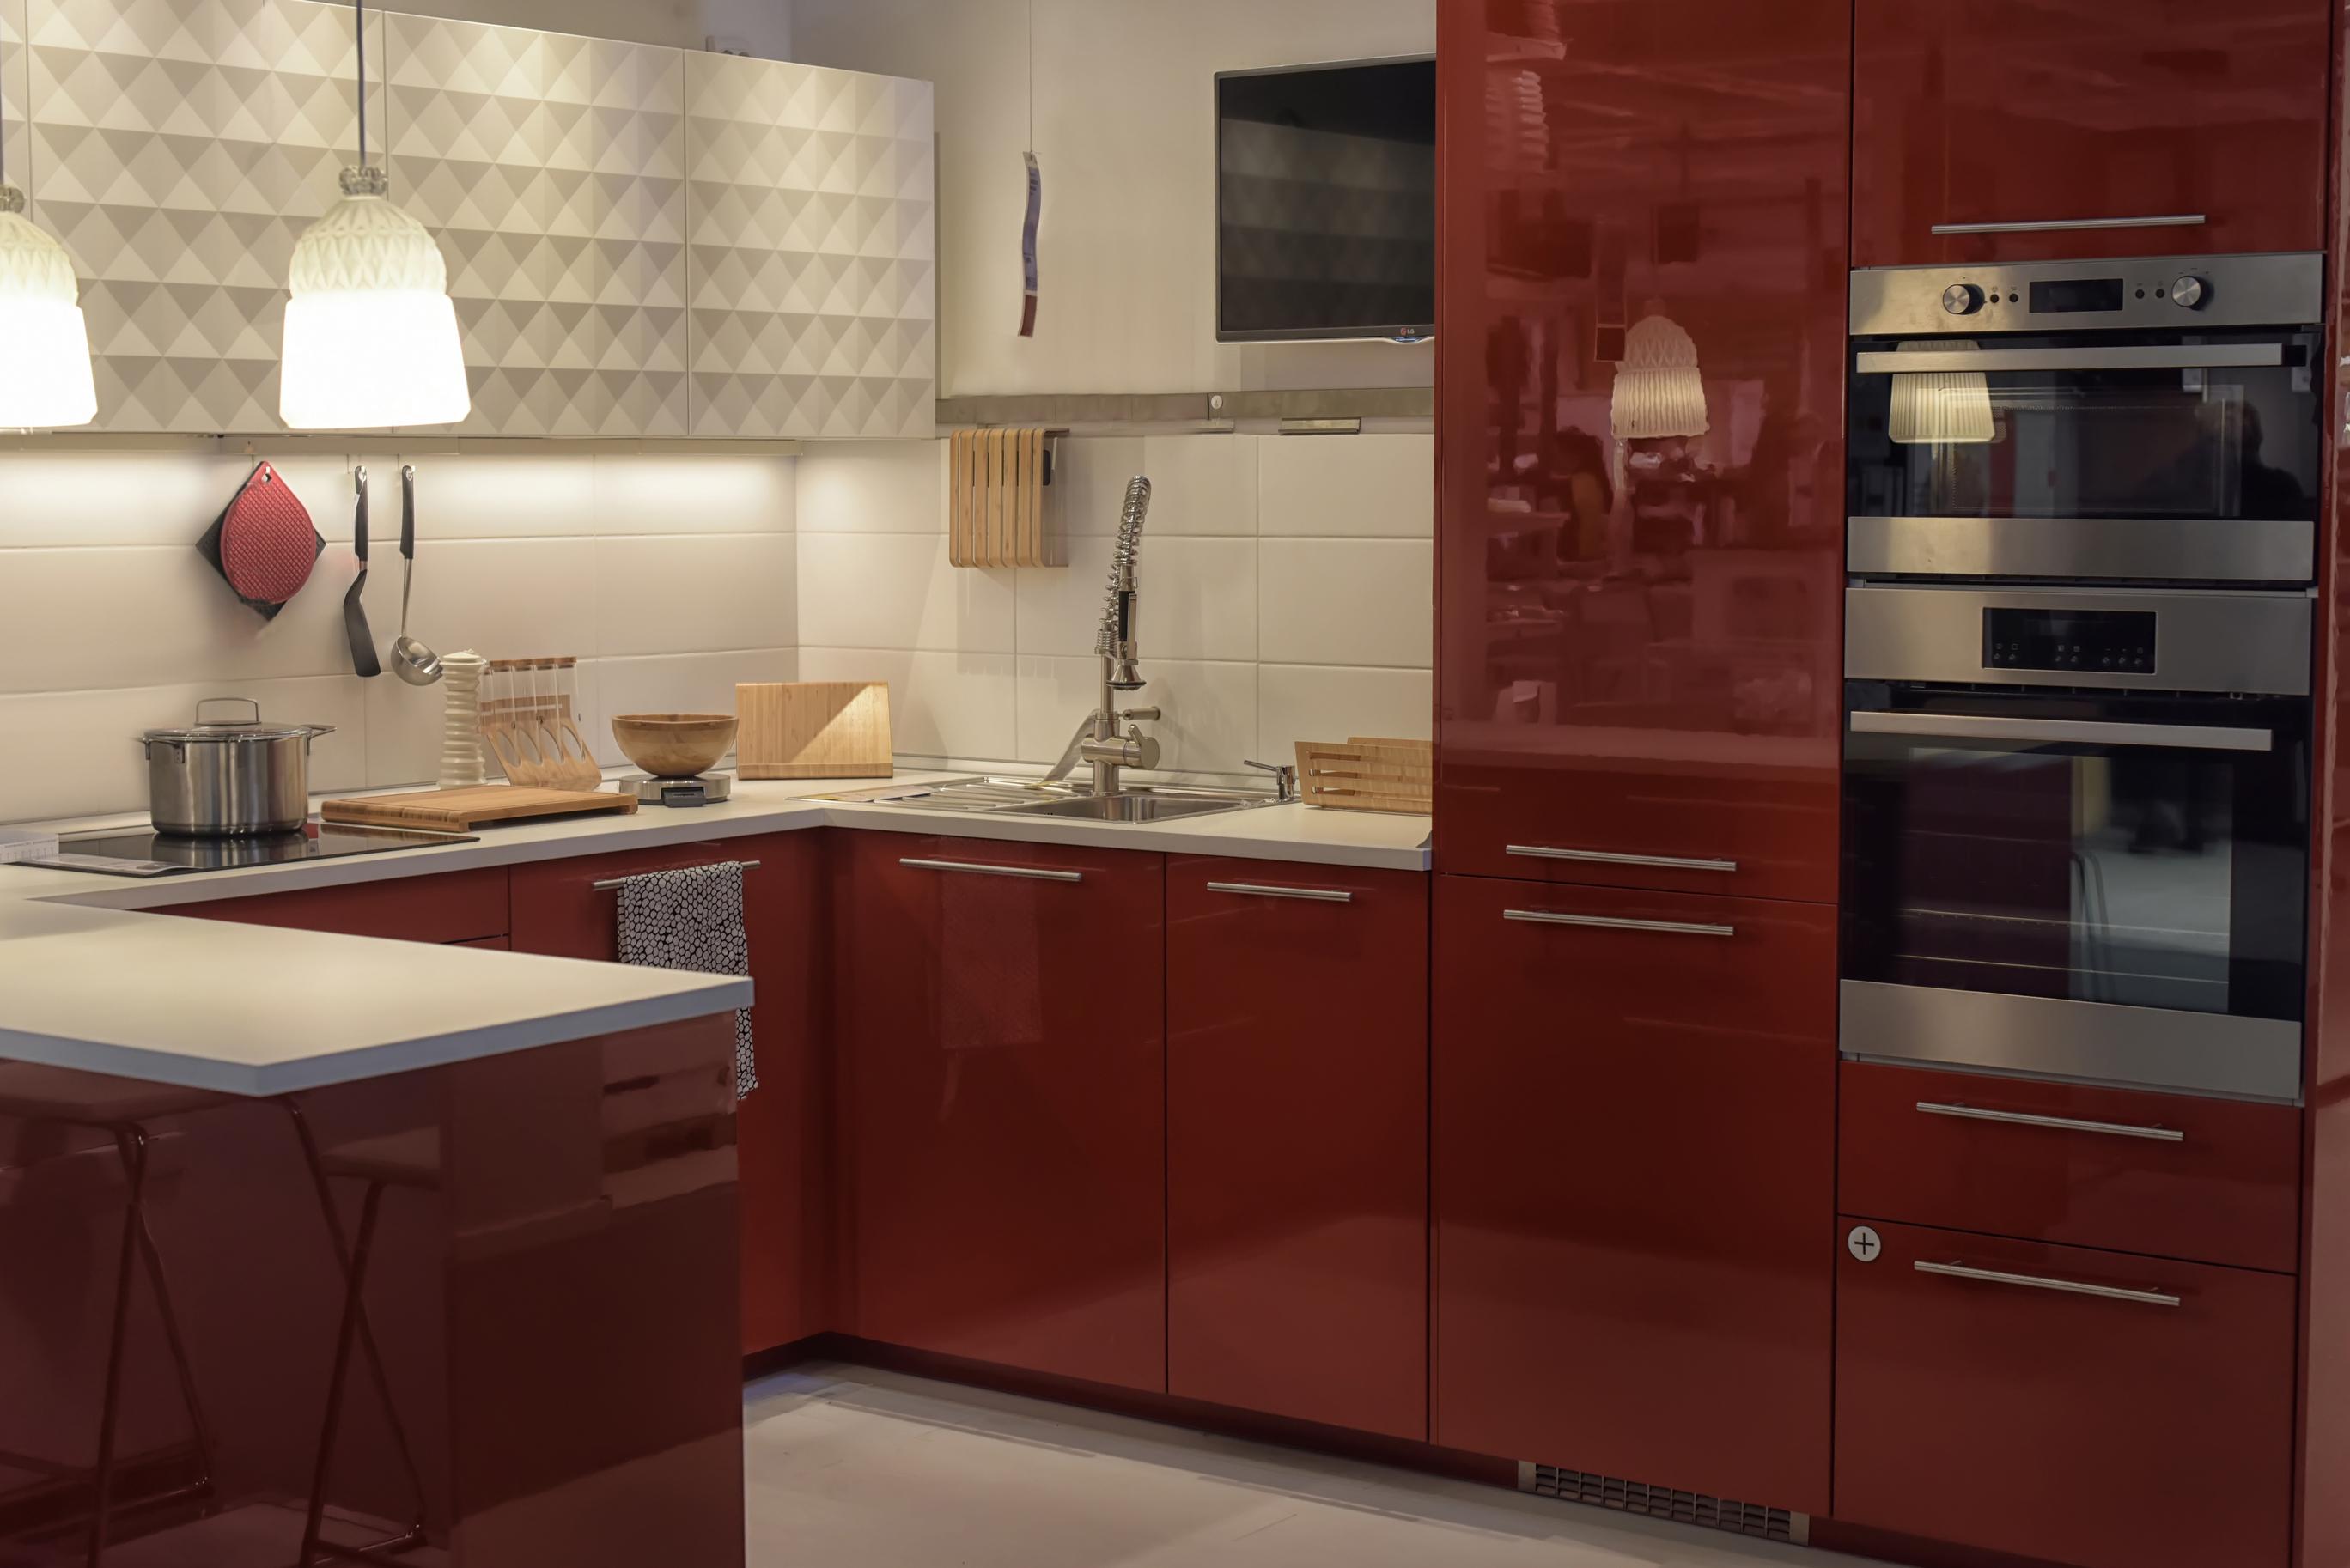 Virtuve raudonos spalvos